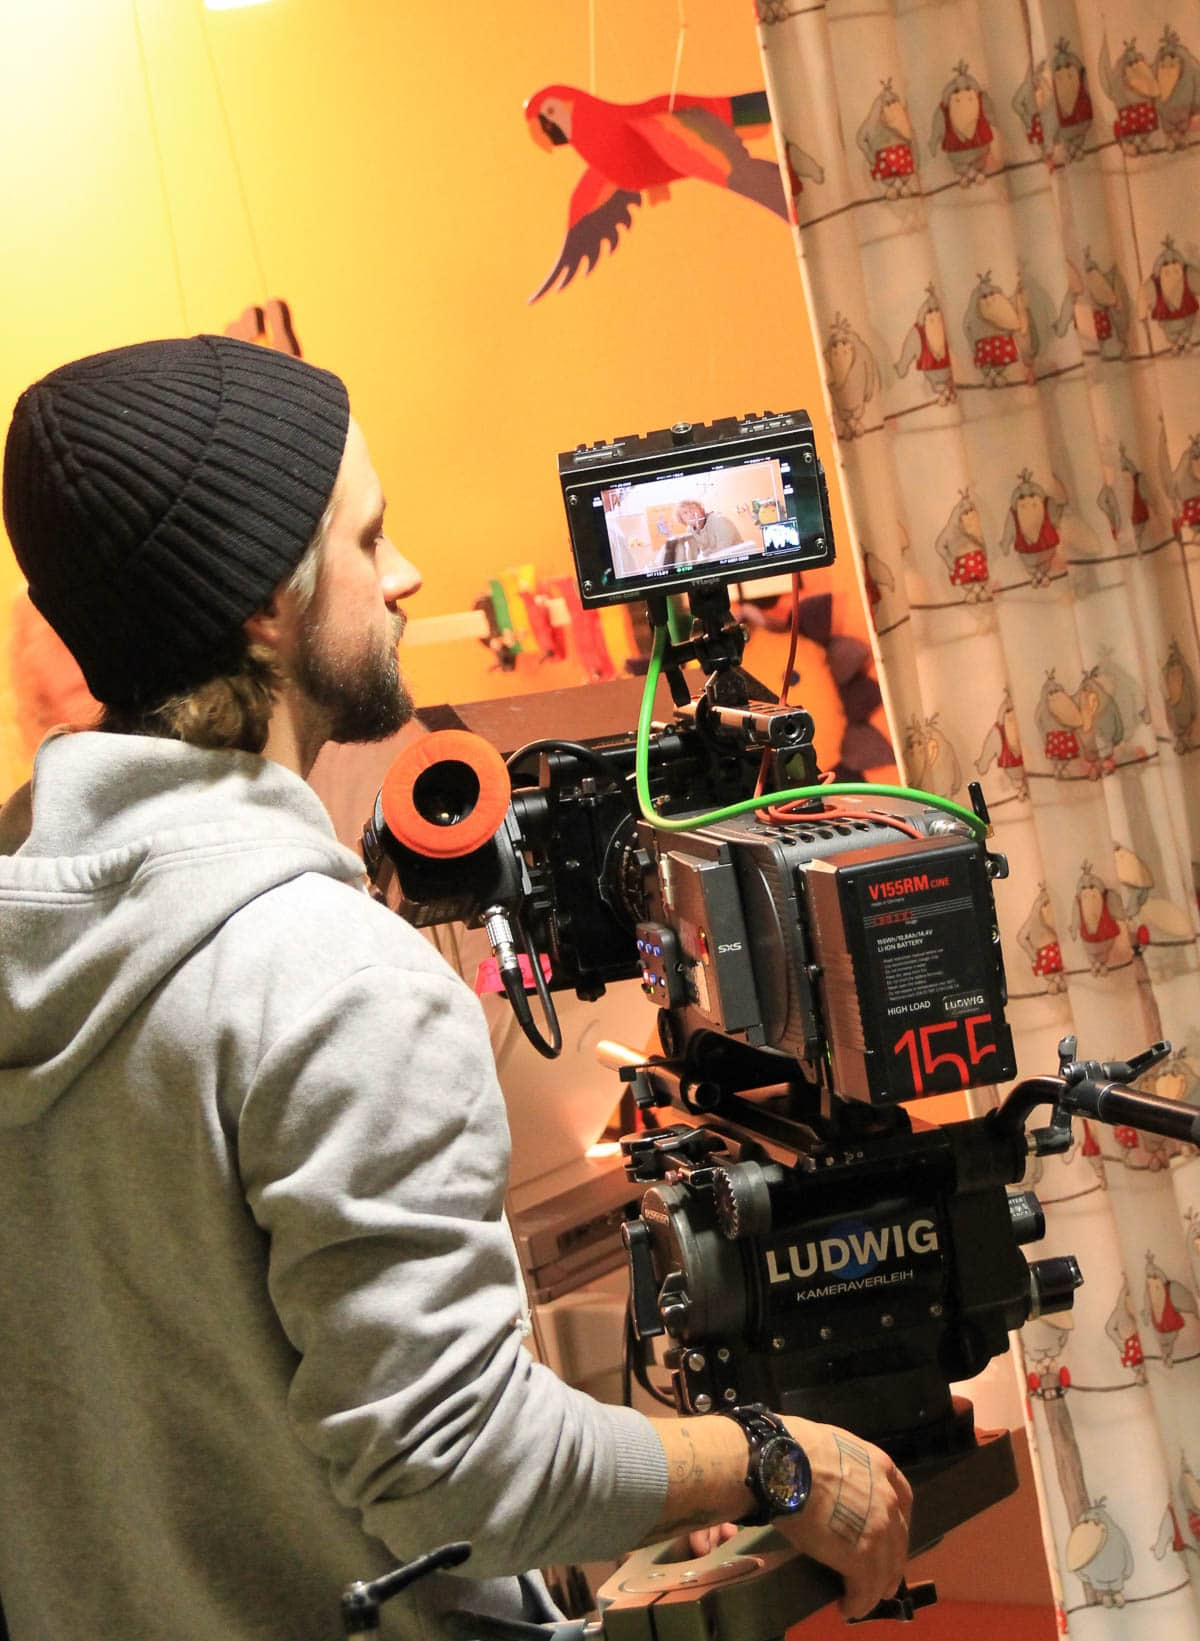 Kameramann Arri Alexa behind the scenes